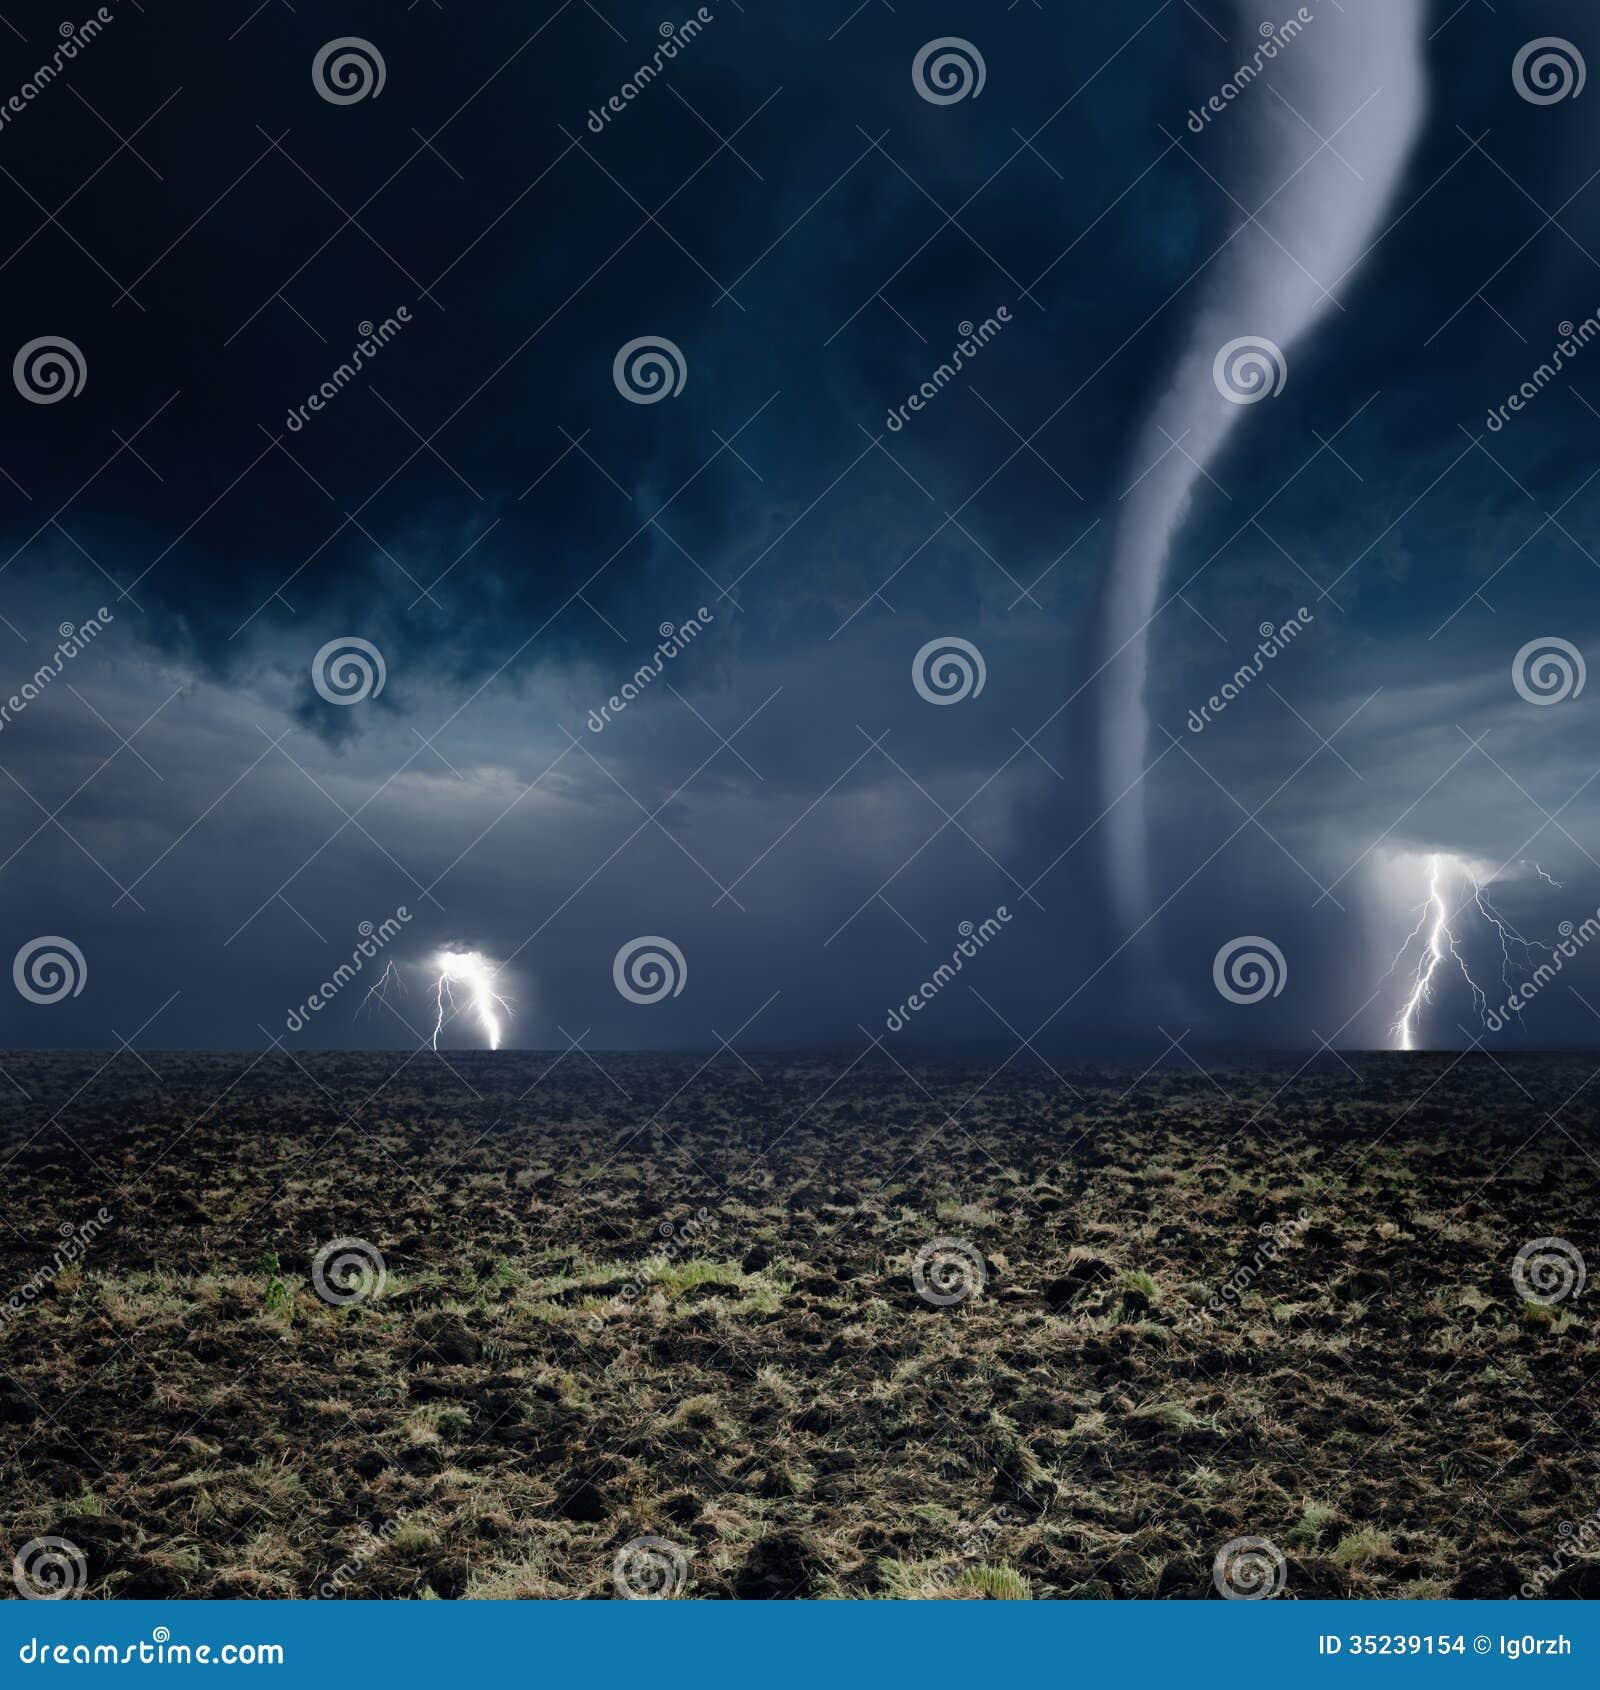 Tornado, Lightning, Farmland Stock Images